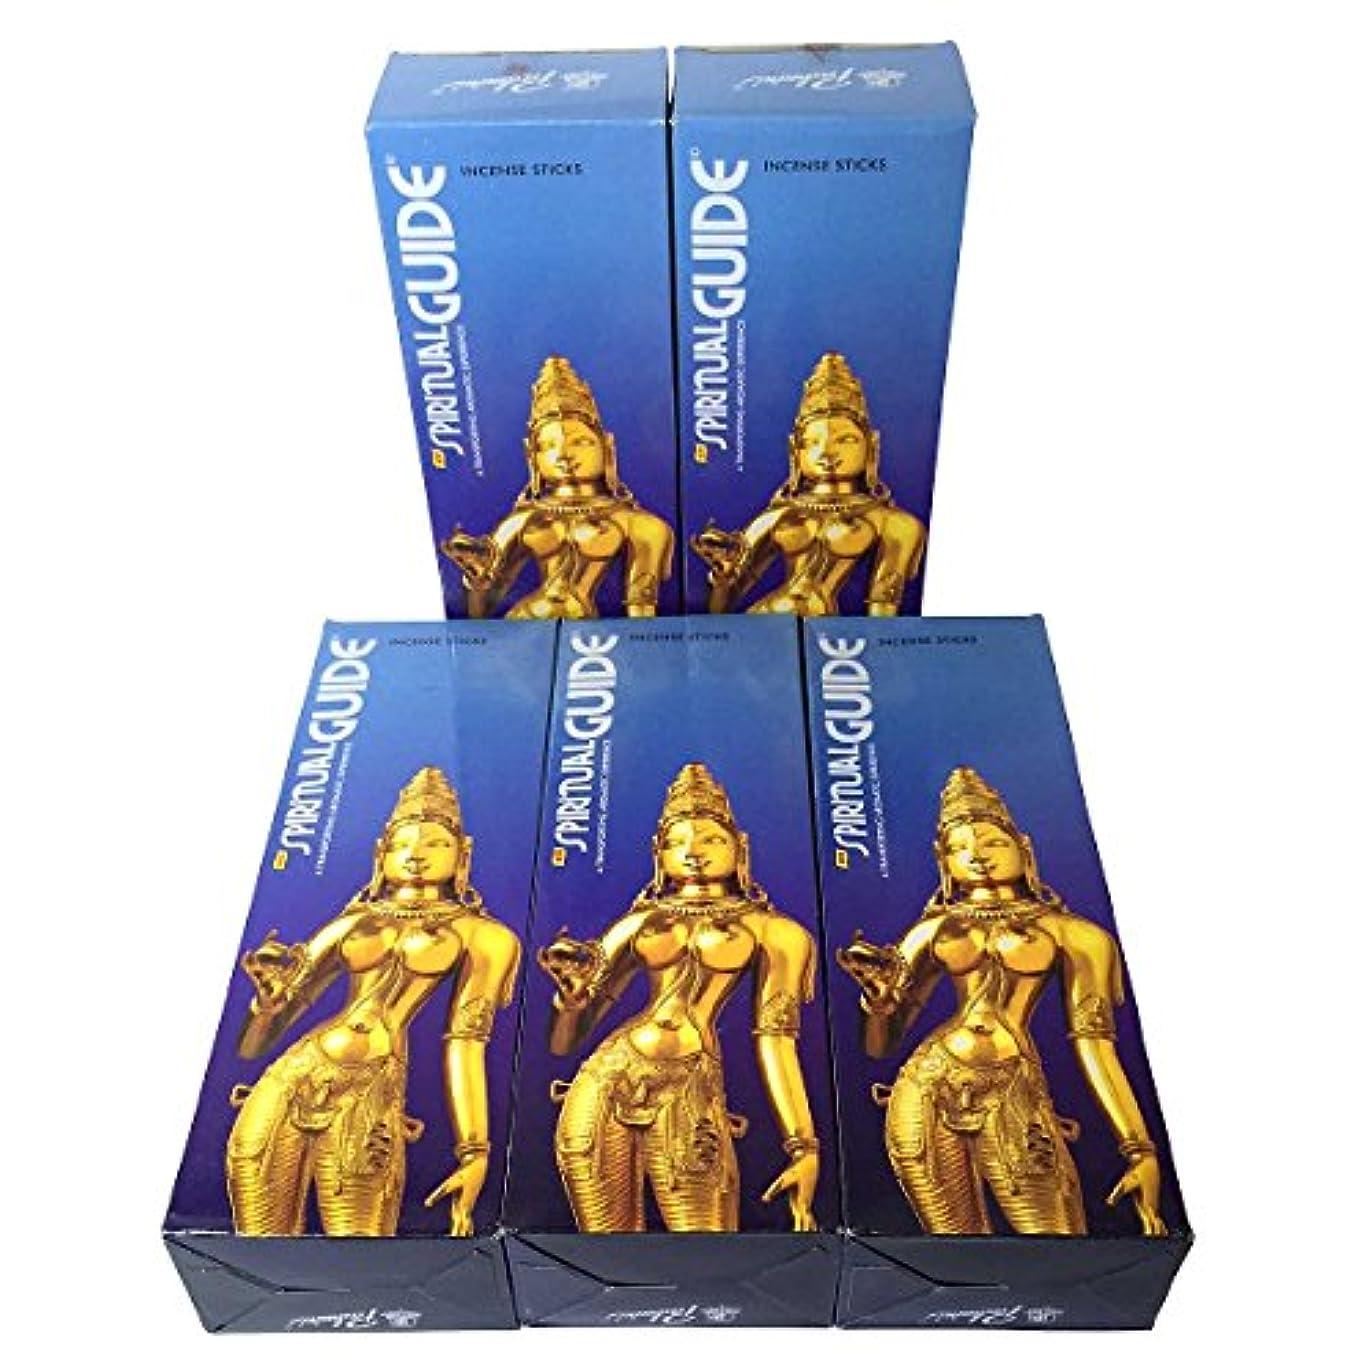 なめらかな懐比類のないスピリチュアルガイド香スティック 5BOX(30箱)/PADMINI SPIRITUALGUIDE インド香 / 送料無料 [並行輸入品]